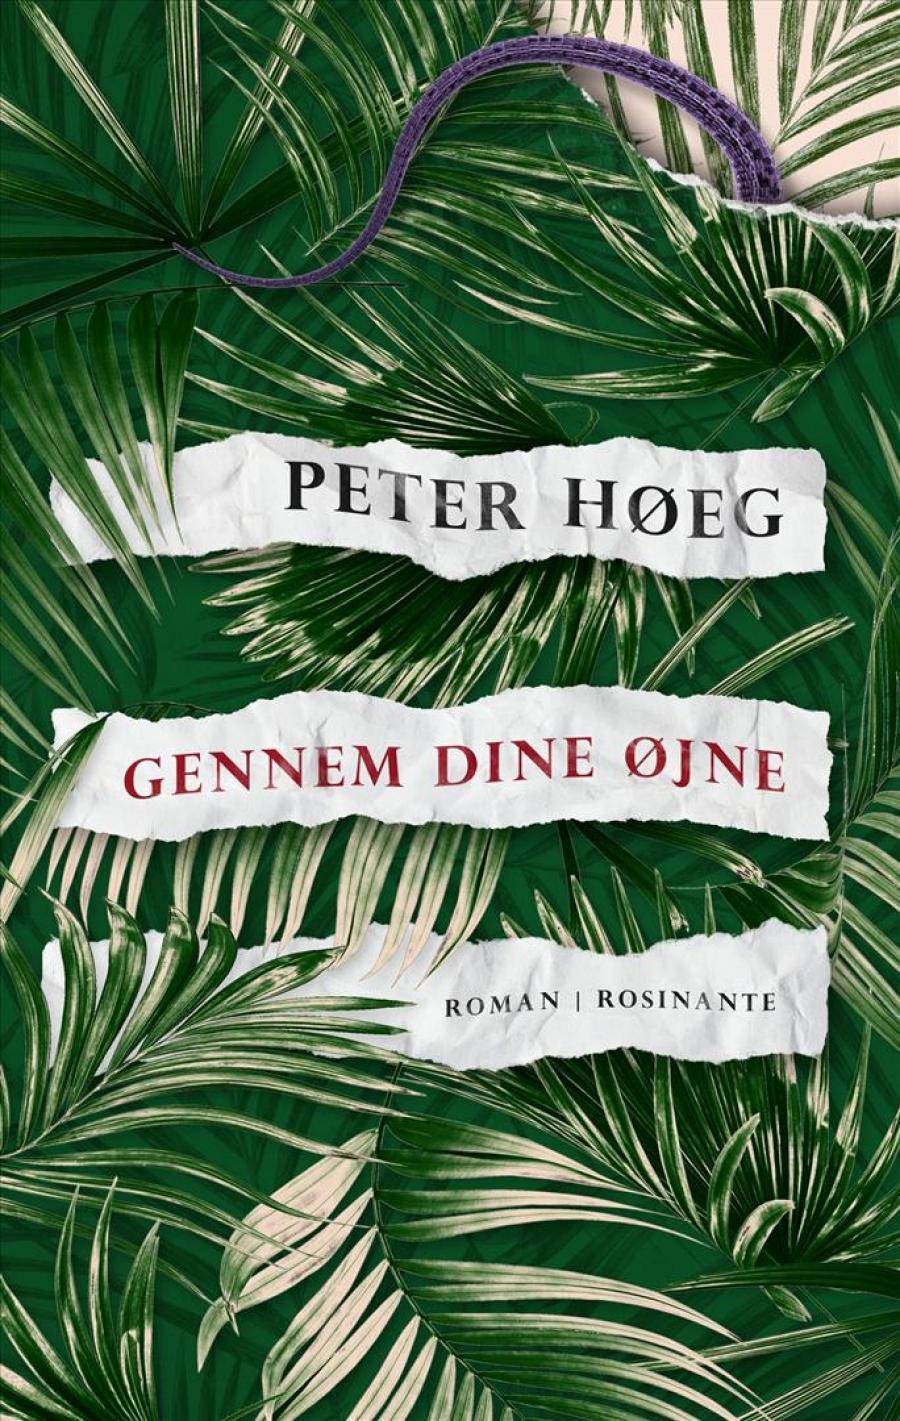 Gennem dine øjne af Peter Høeg